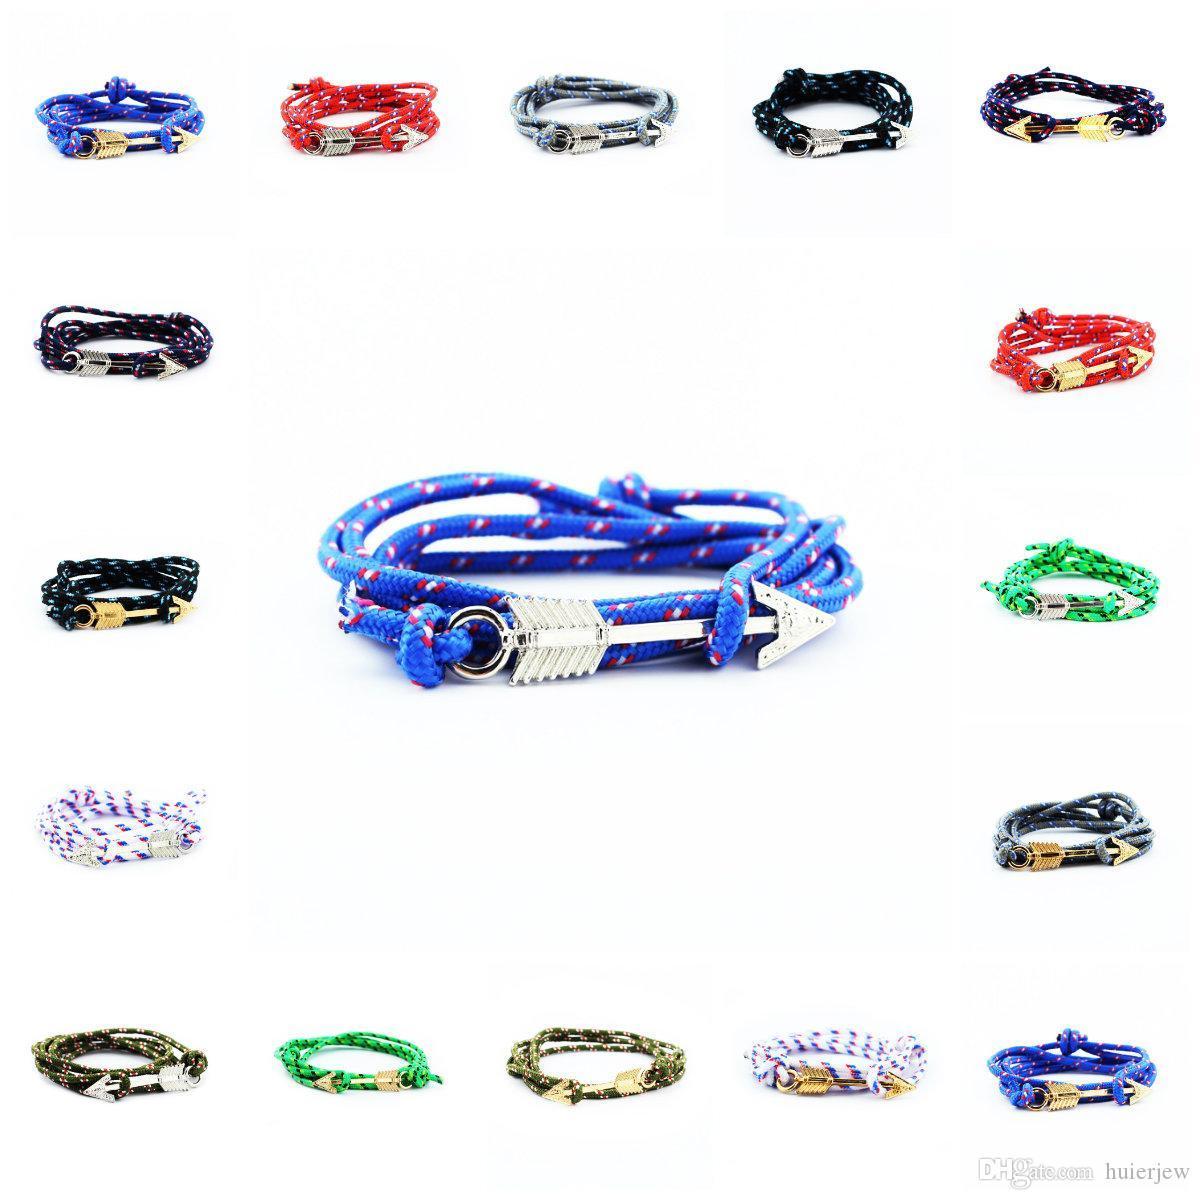 Infinity joyería pulsera pulseras para los hombres Fish Hook Nueva Infinity pulseras al por mayor del abrigo de la cuerda pulsera Infinity